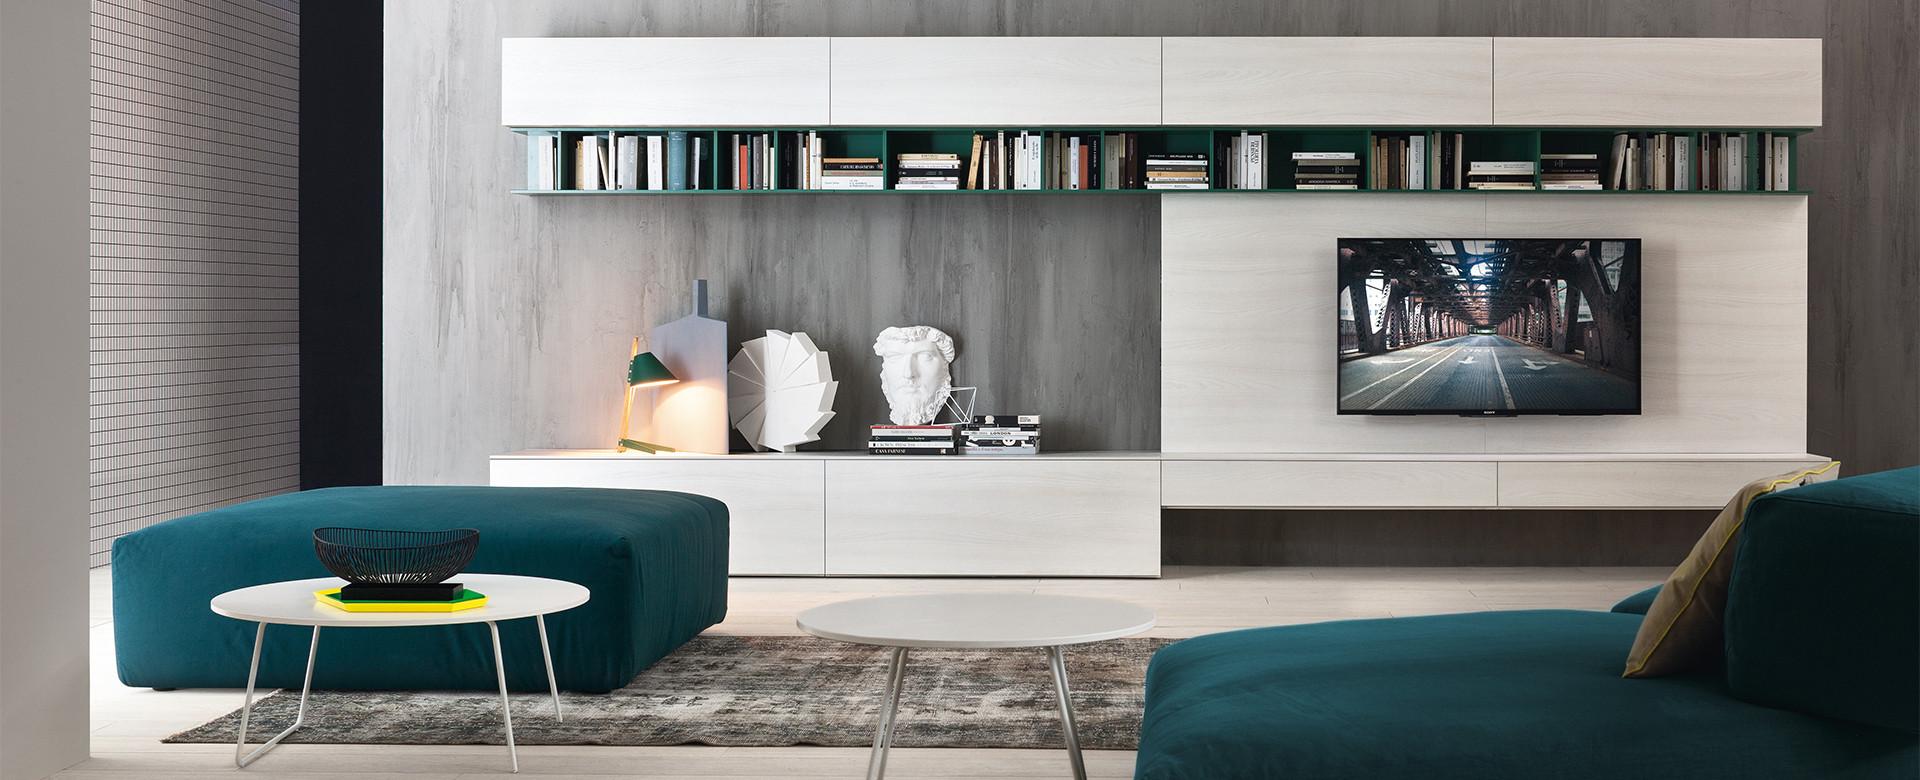 Bussolotto novamobili for Muebles de salon de diseno italiano